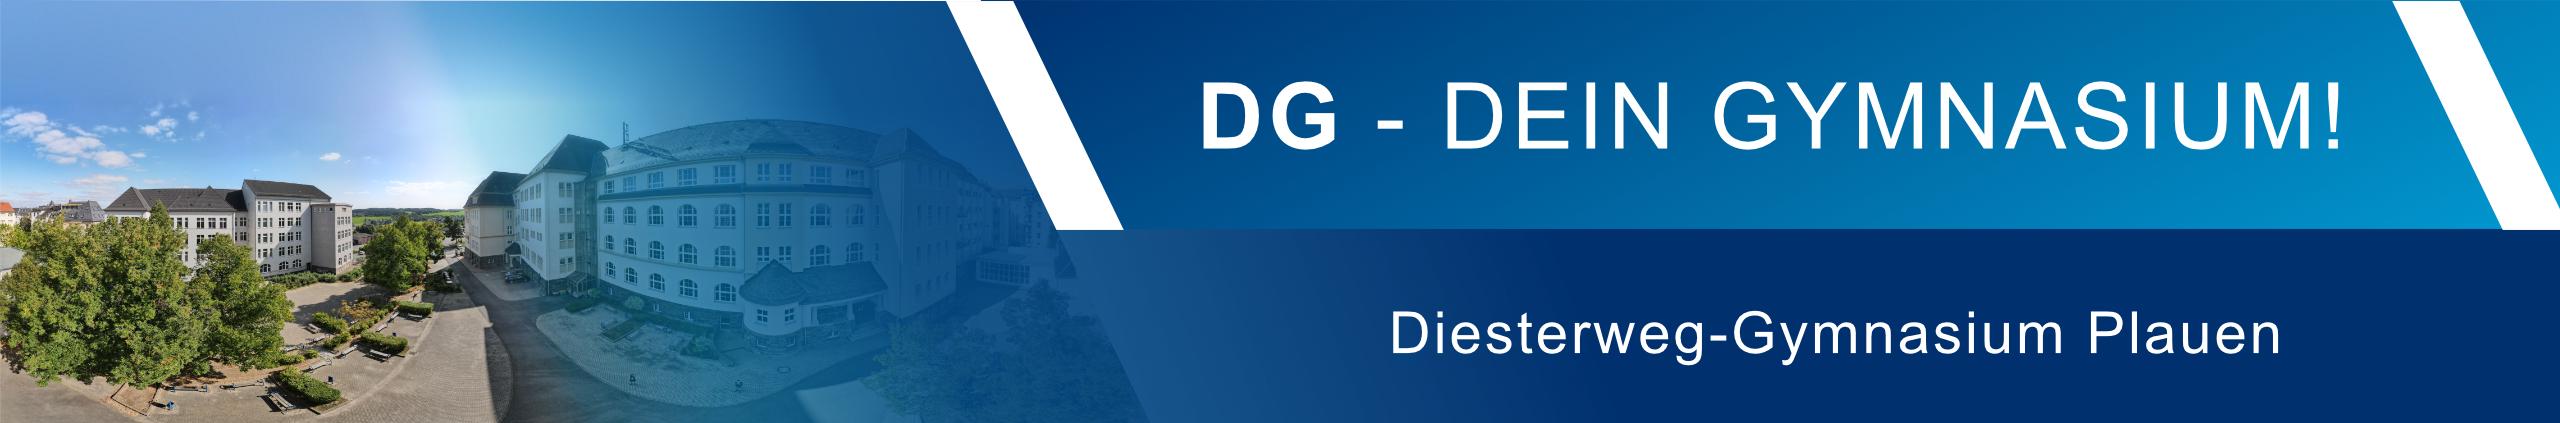 DG - Dein Gymnasium